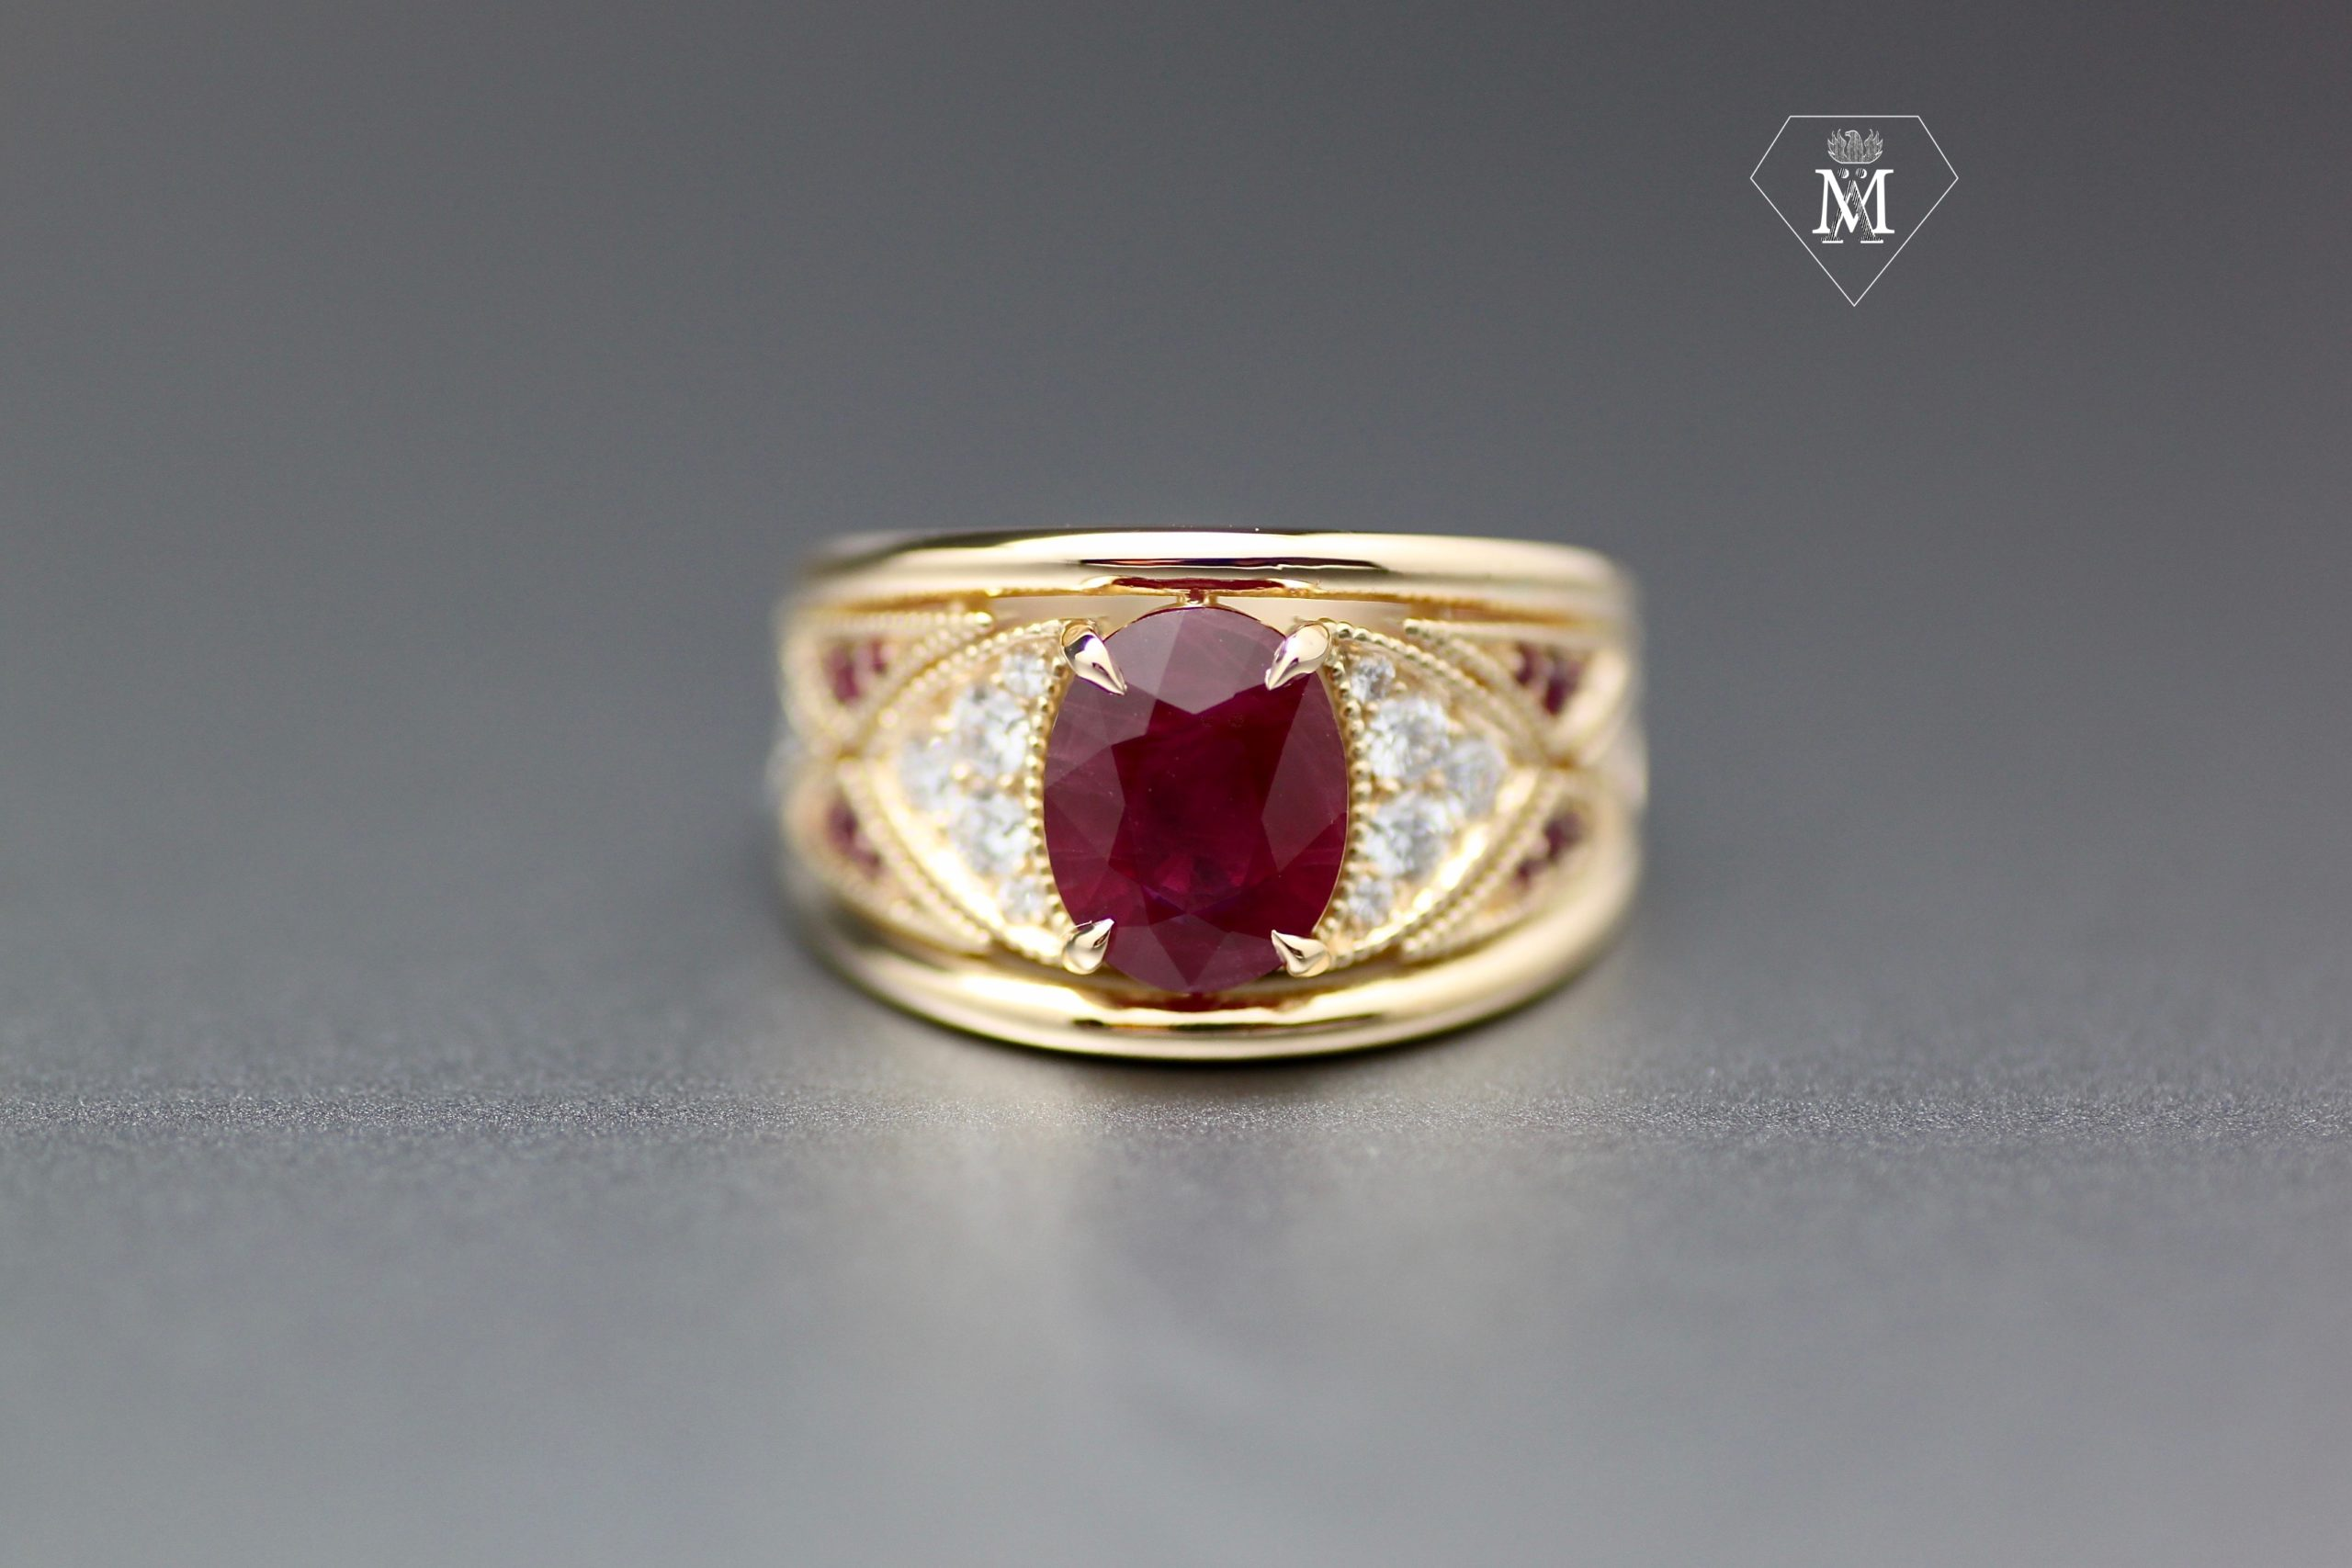 Bague de naissance rubis, diamants et or jaune